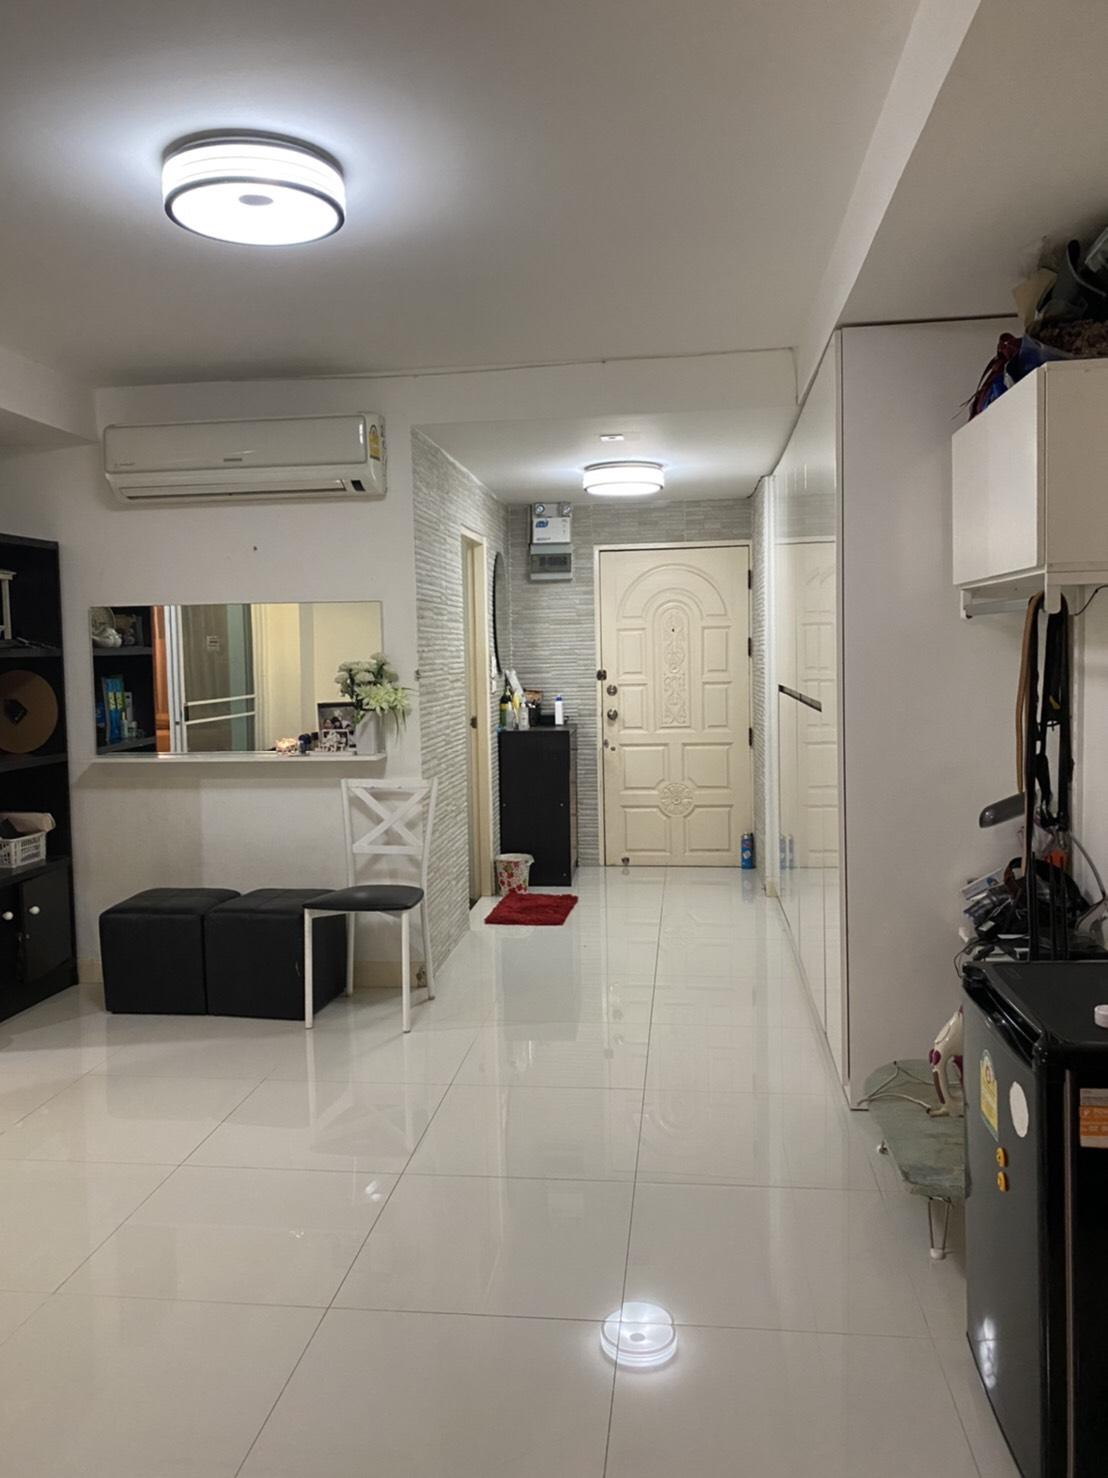 ขายคอนโด Centurion Park ซอยอารีย์ 5 ห้องคู่ (Doubleroom)  พื้นที่กว้างขวาง คอนโดหรู อยู่สบาย เดินทาง